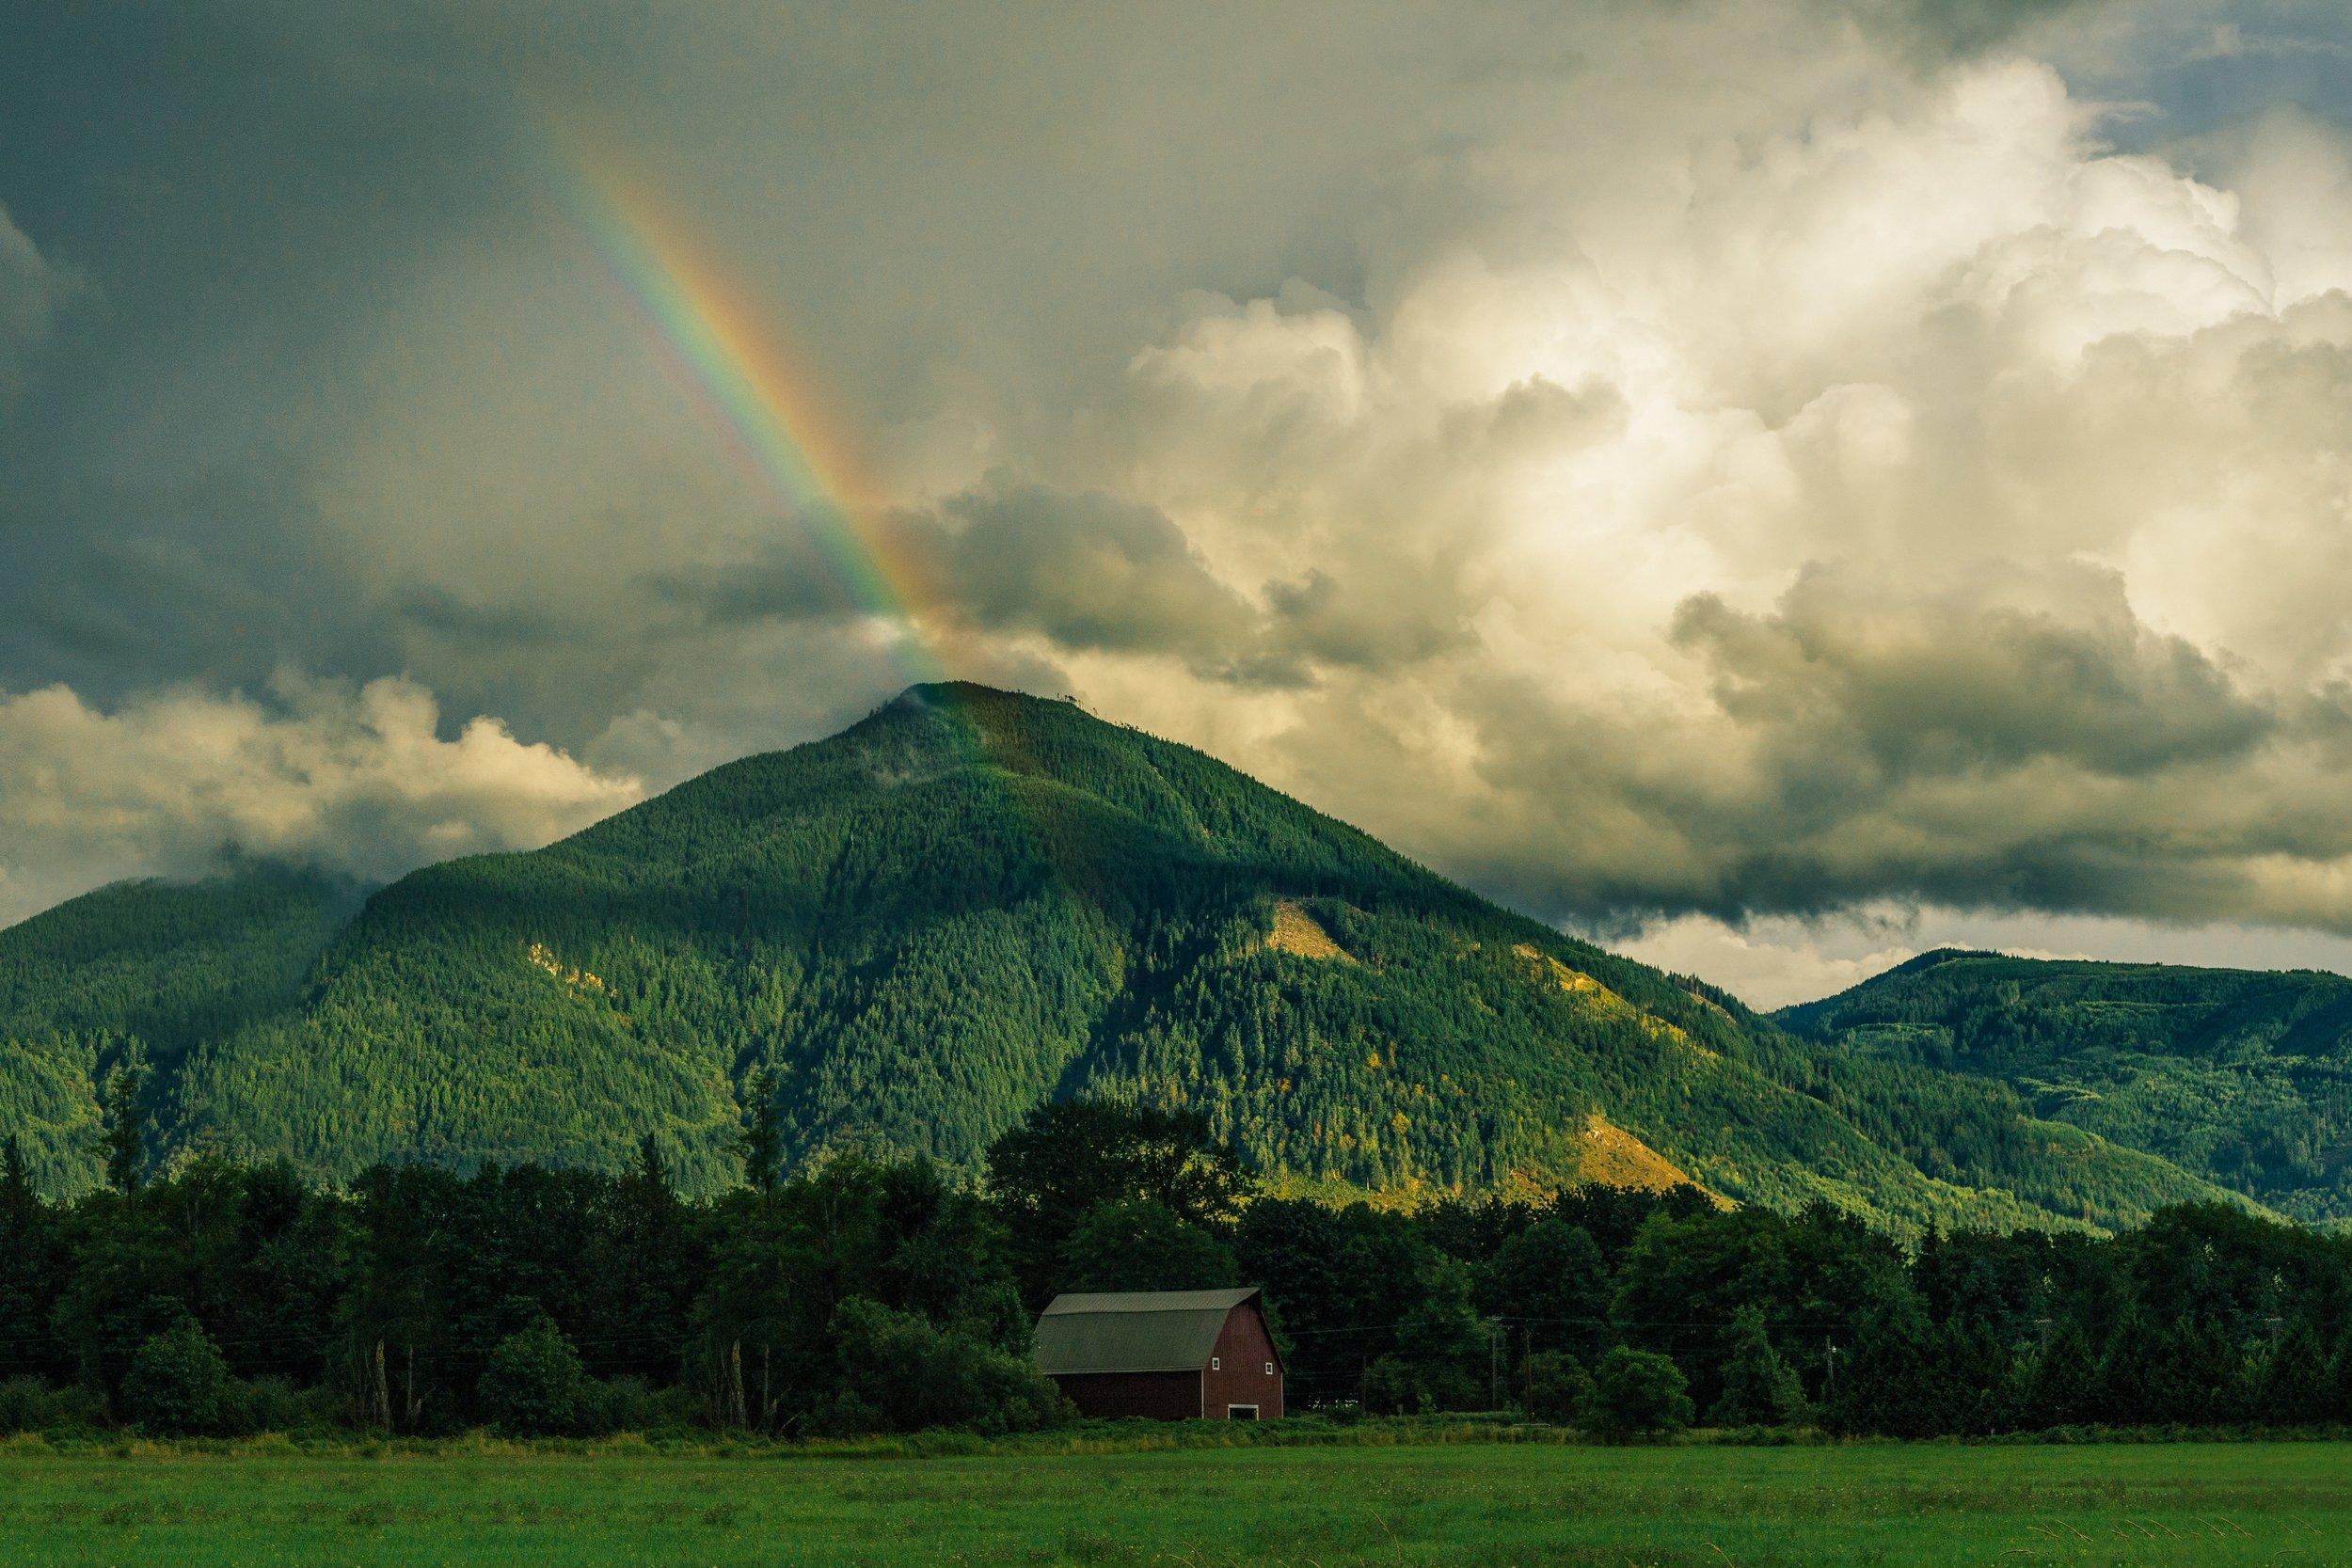 rainbow-mountain-green.jpg